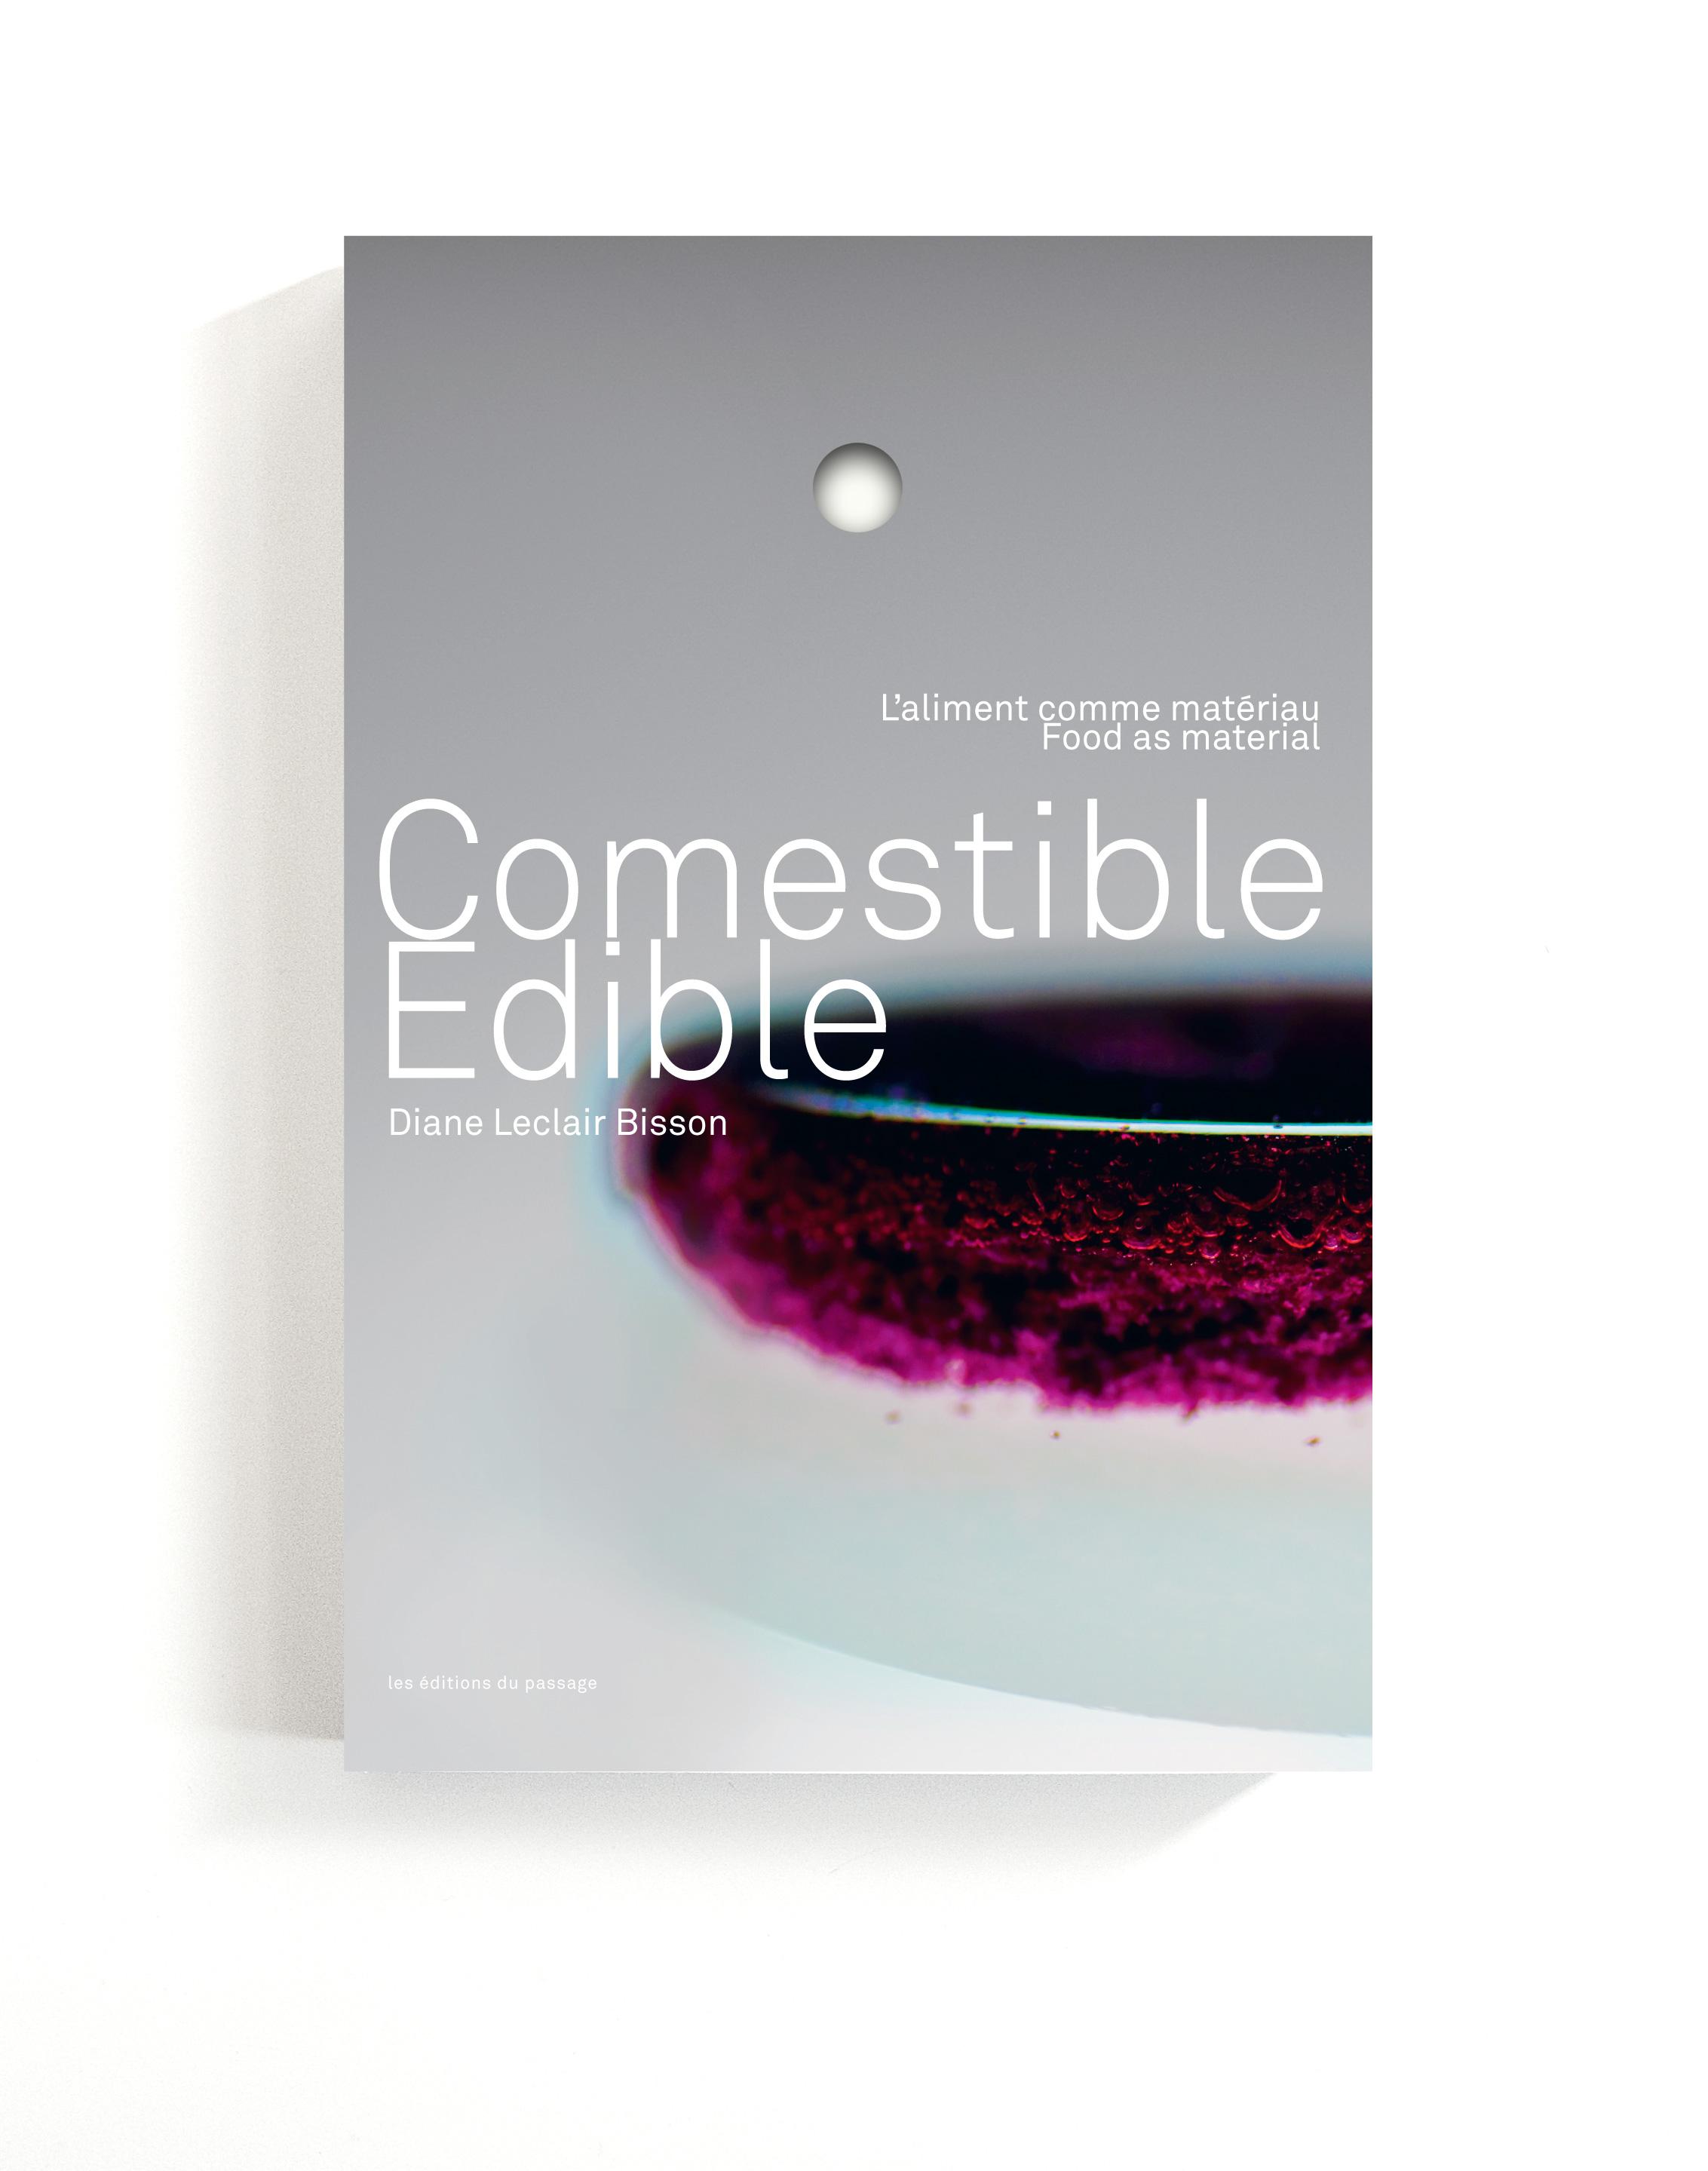 Edible food as material book cover